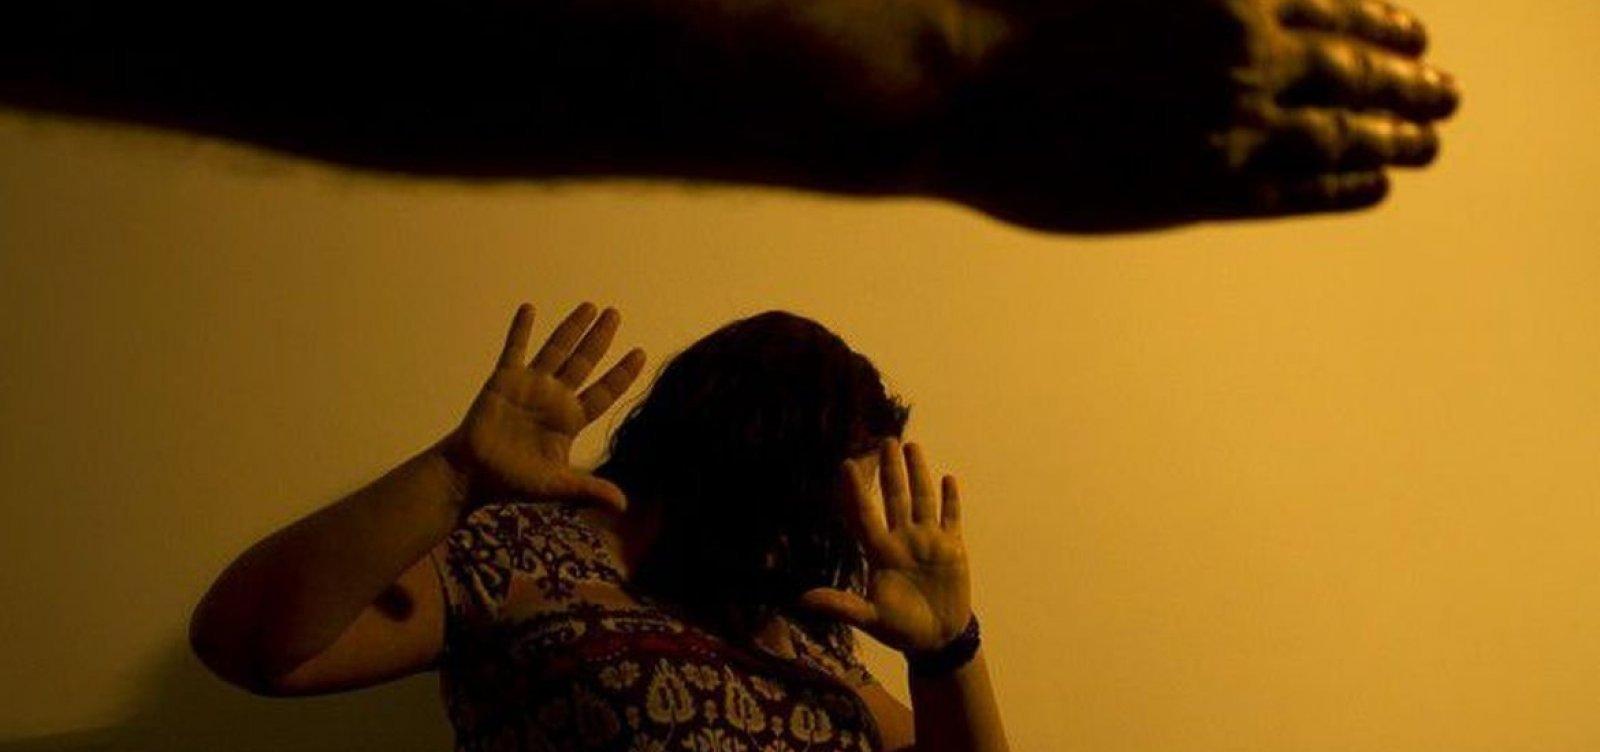 [Pedidos de medida protetiva têm queda de 47% em Salvador durante a pandemia]